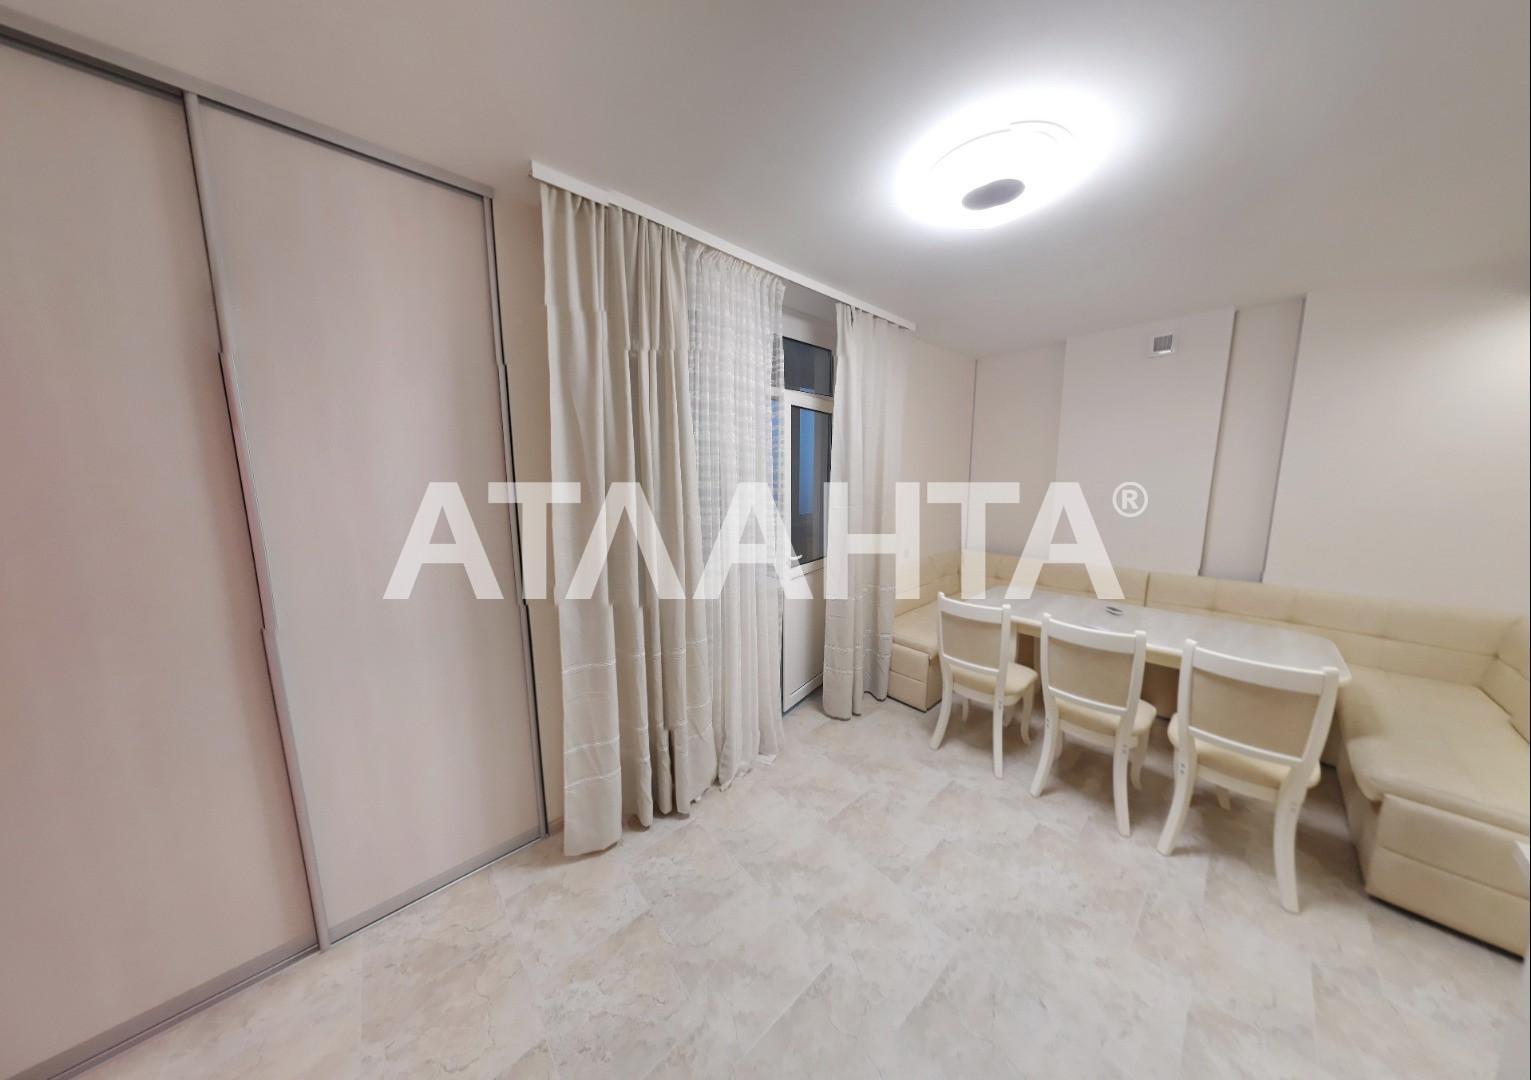 Продается 2-комнатная Квартира на ул. Академика Вильямса — 127 000 у.е. (фото №11)